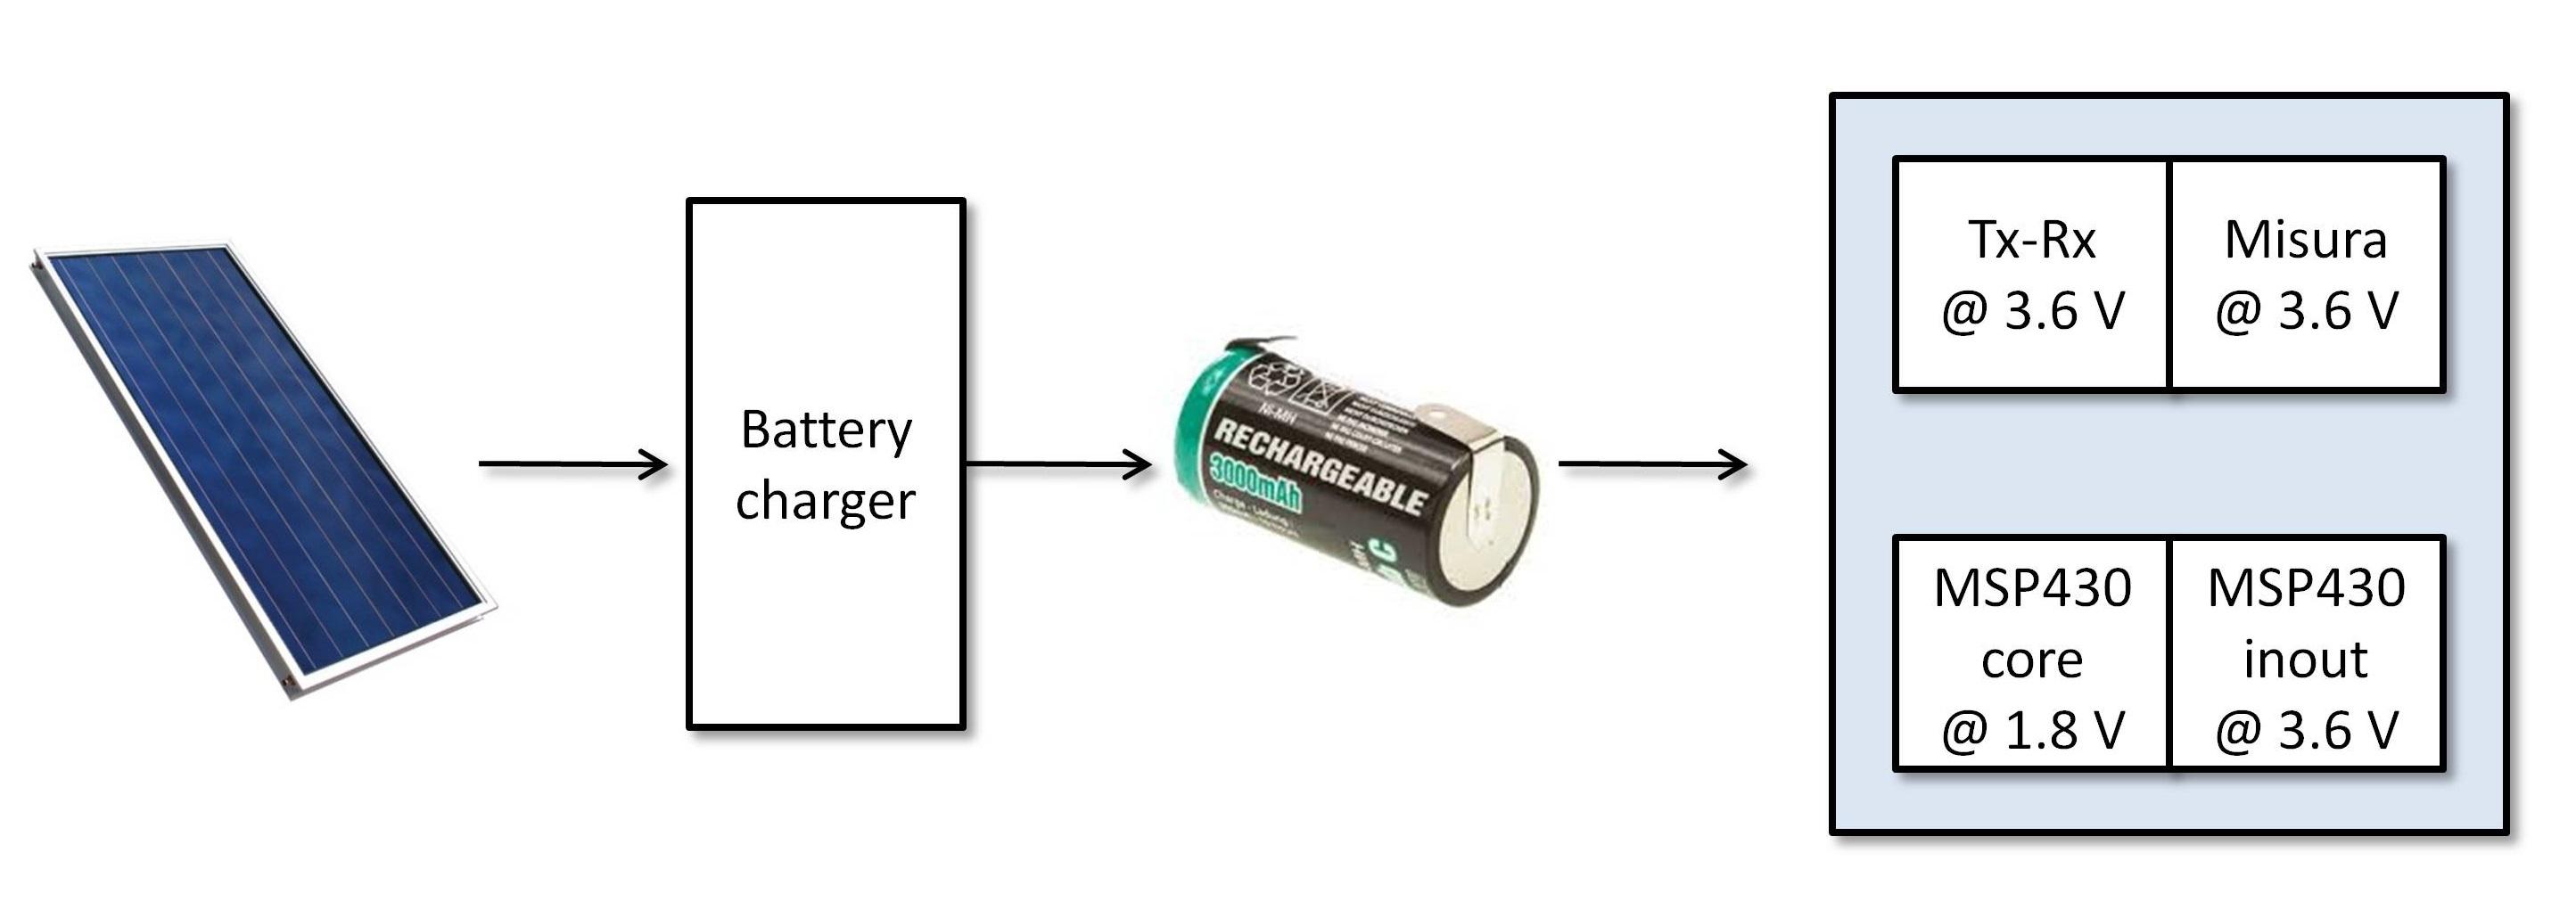 Pannello Solare Con Arduino : Energy harvesting alimentare con pannelli solari